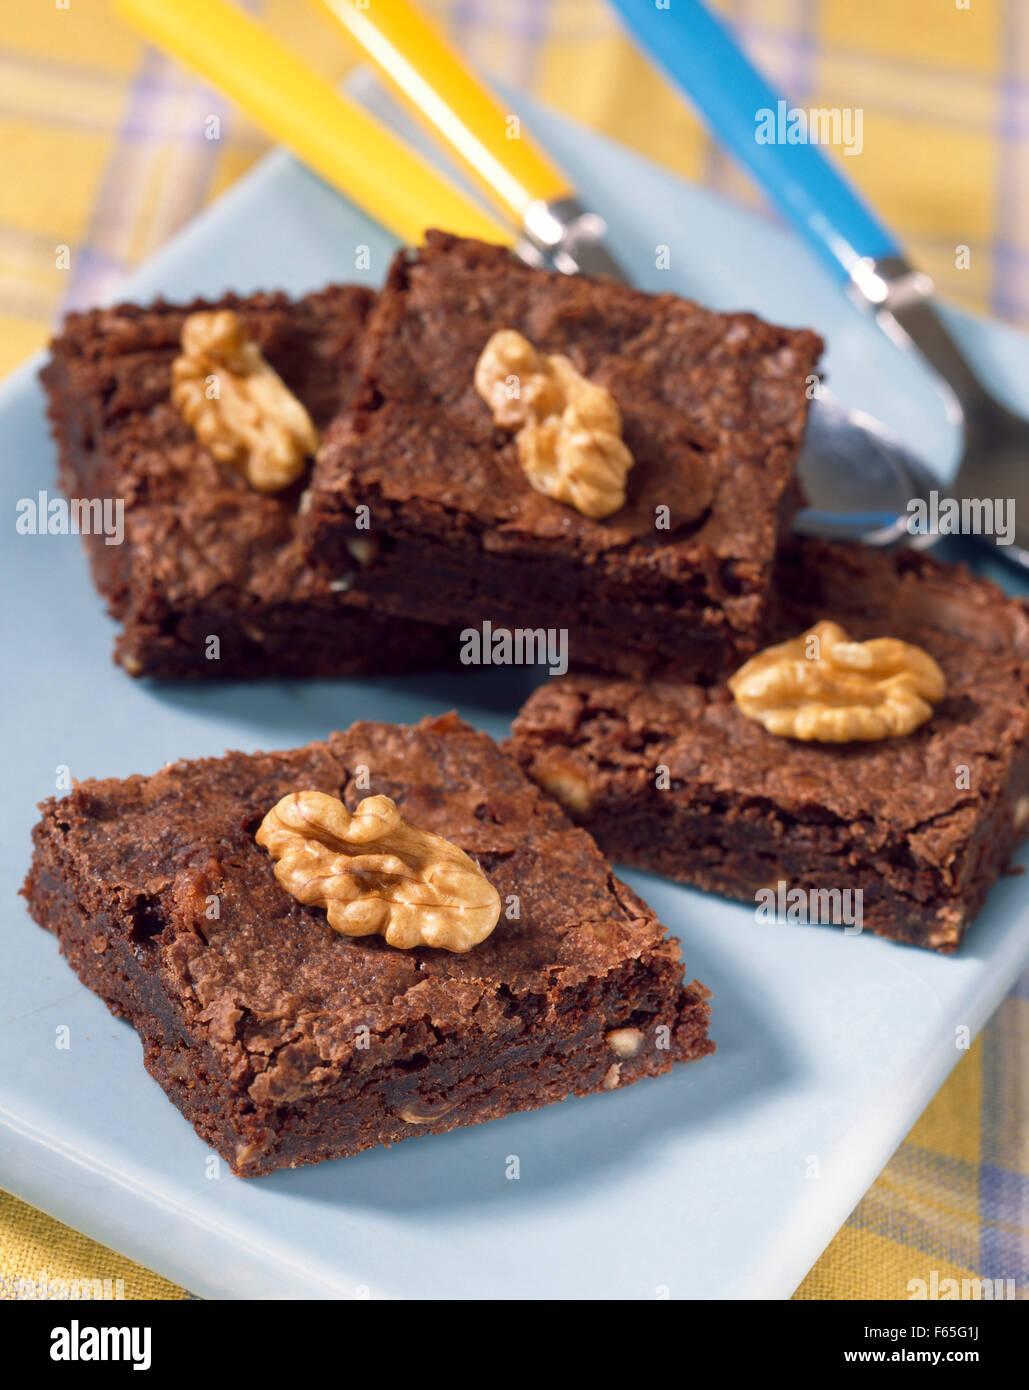 Brownies au chocolat et noix Banque D'Images